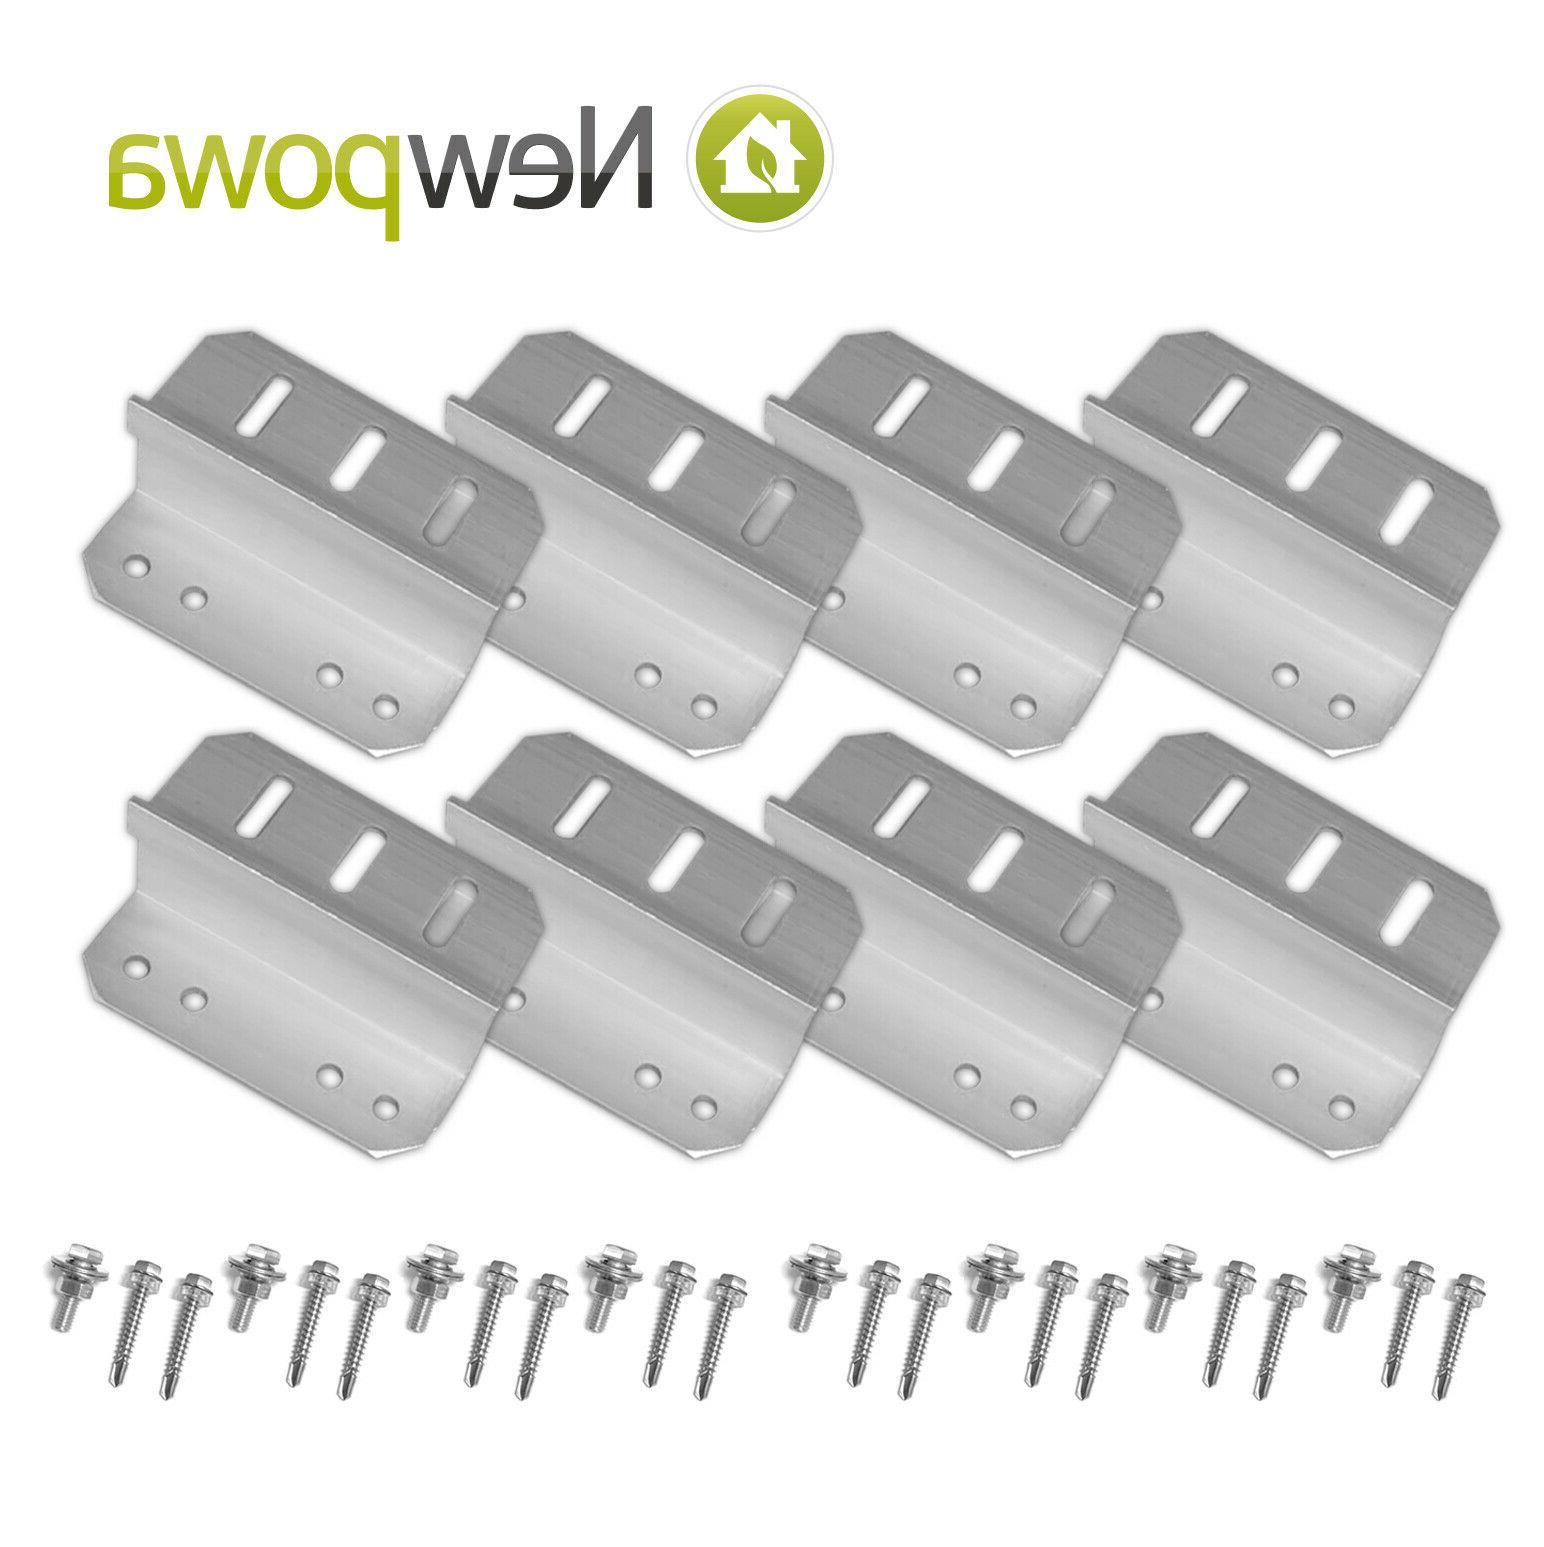 Newpowa 200W Monocystalline Solar charge Kit